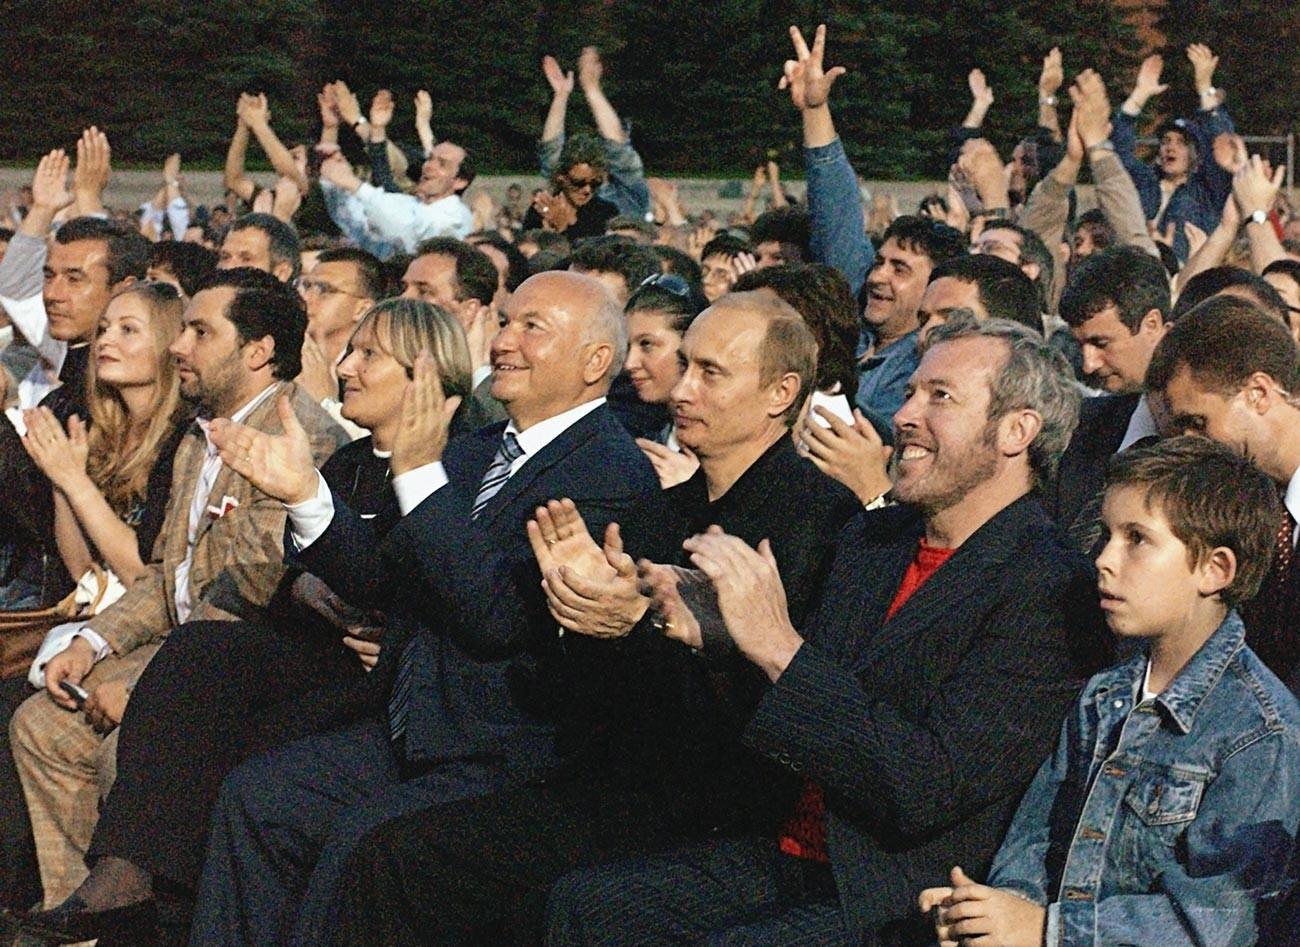 Da esq. à dir., Iúri Lujkov (então prefeito de Moscou), Vladimir Putin e famoso roqueiro russo Andrei Makarevitch durante apresentação de McCartney